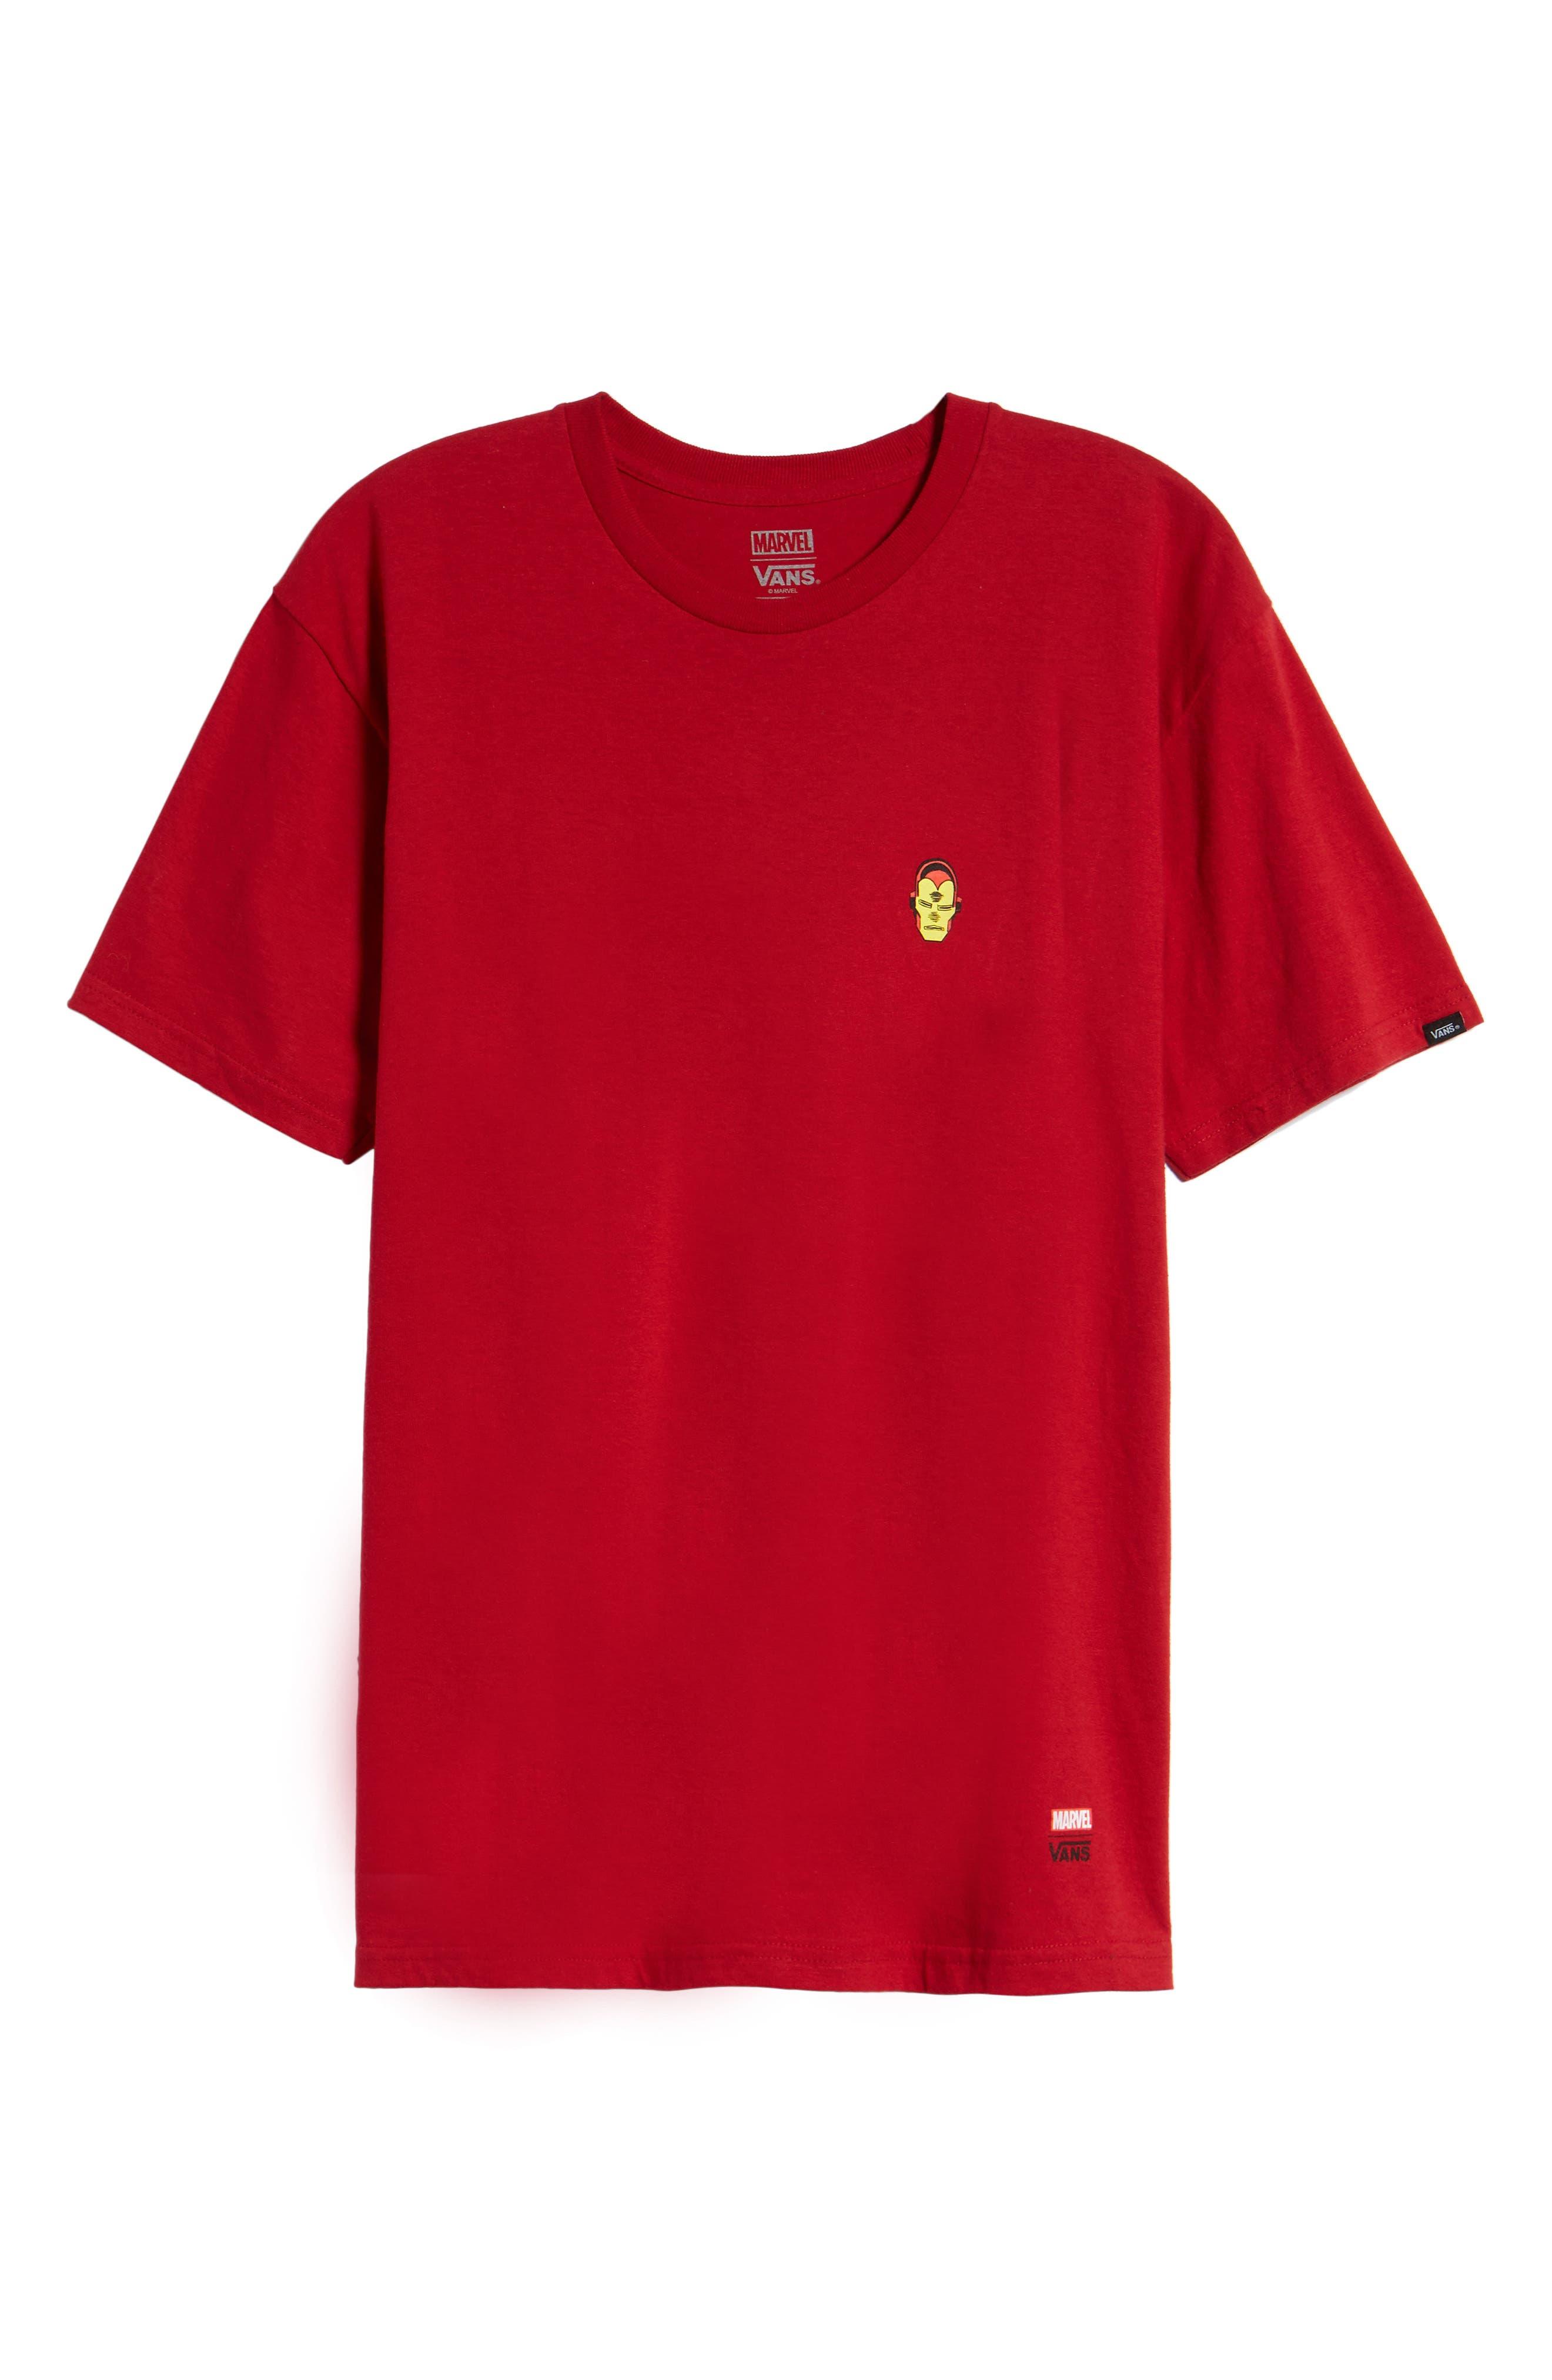 x Marvel<sup>®</sup> Iron Man T-Shirt,                             Alternate thumbnail 6, color,                             Cardinal